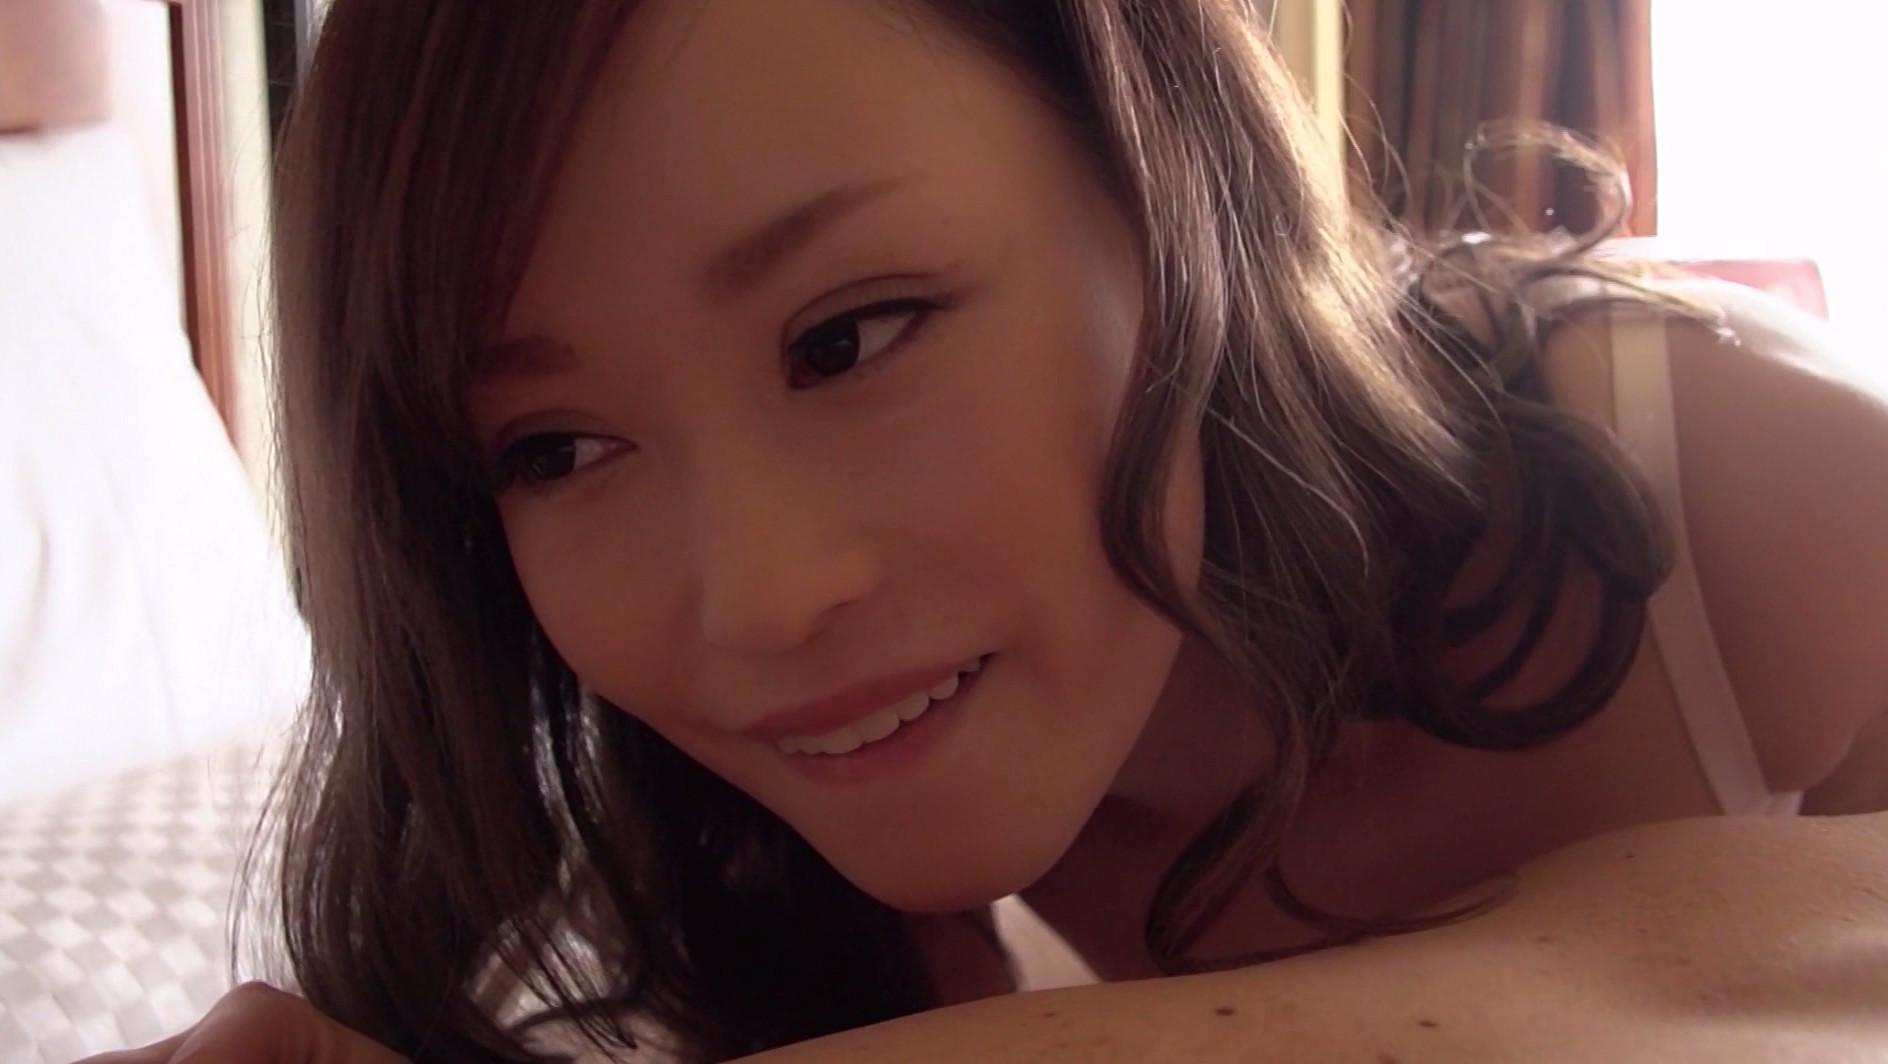 S-Cute KIRAY rino(26) 神スタイル美女,のサンプル画像45